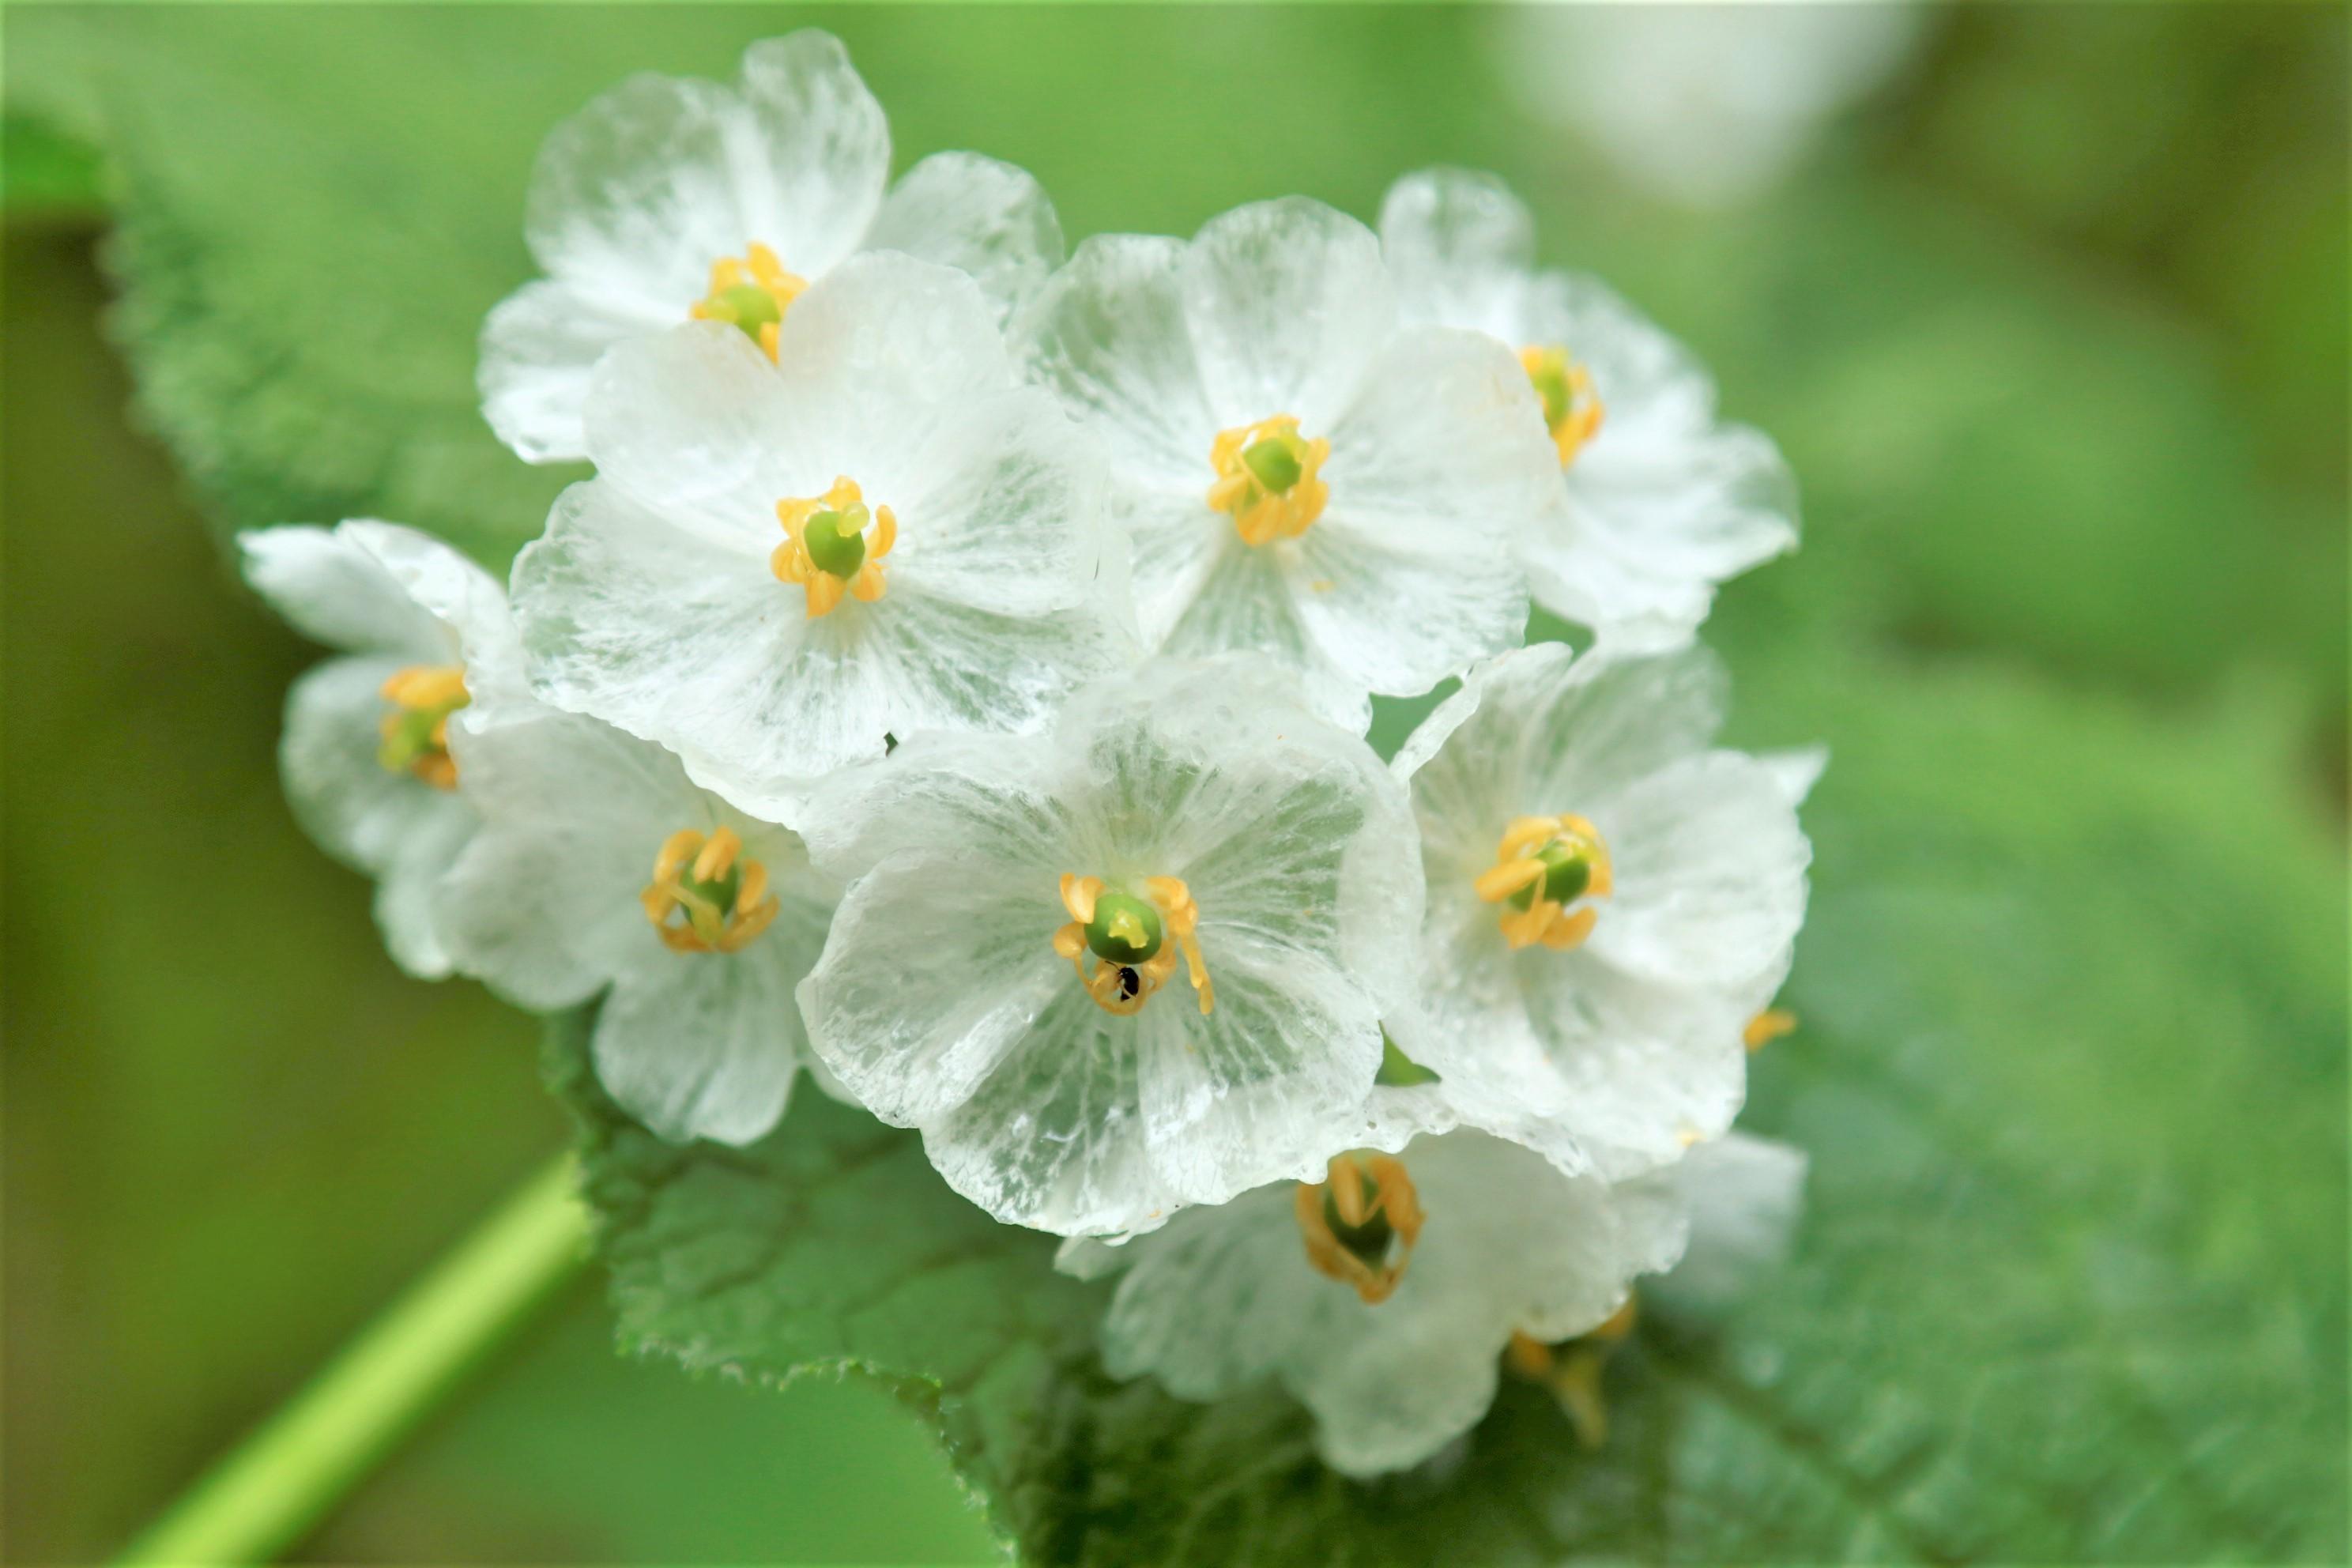 【花の観察会】 白馬 楽に楽しむ高山植物とクリスタルサンカヨウ 3日間